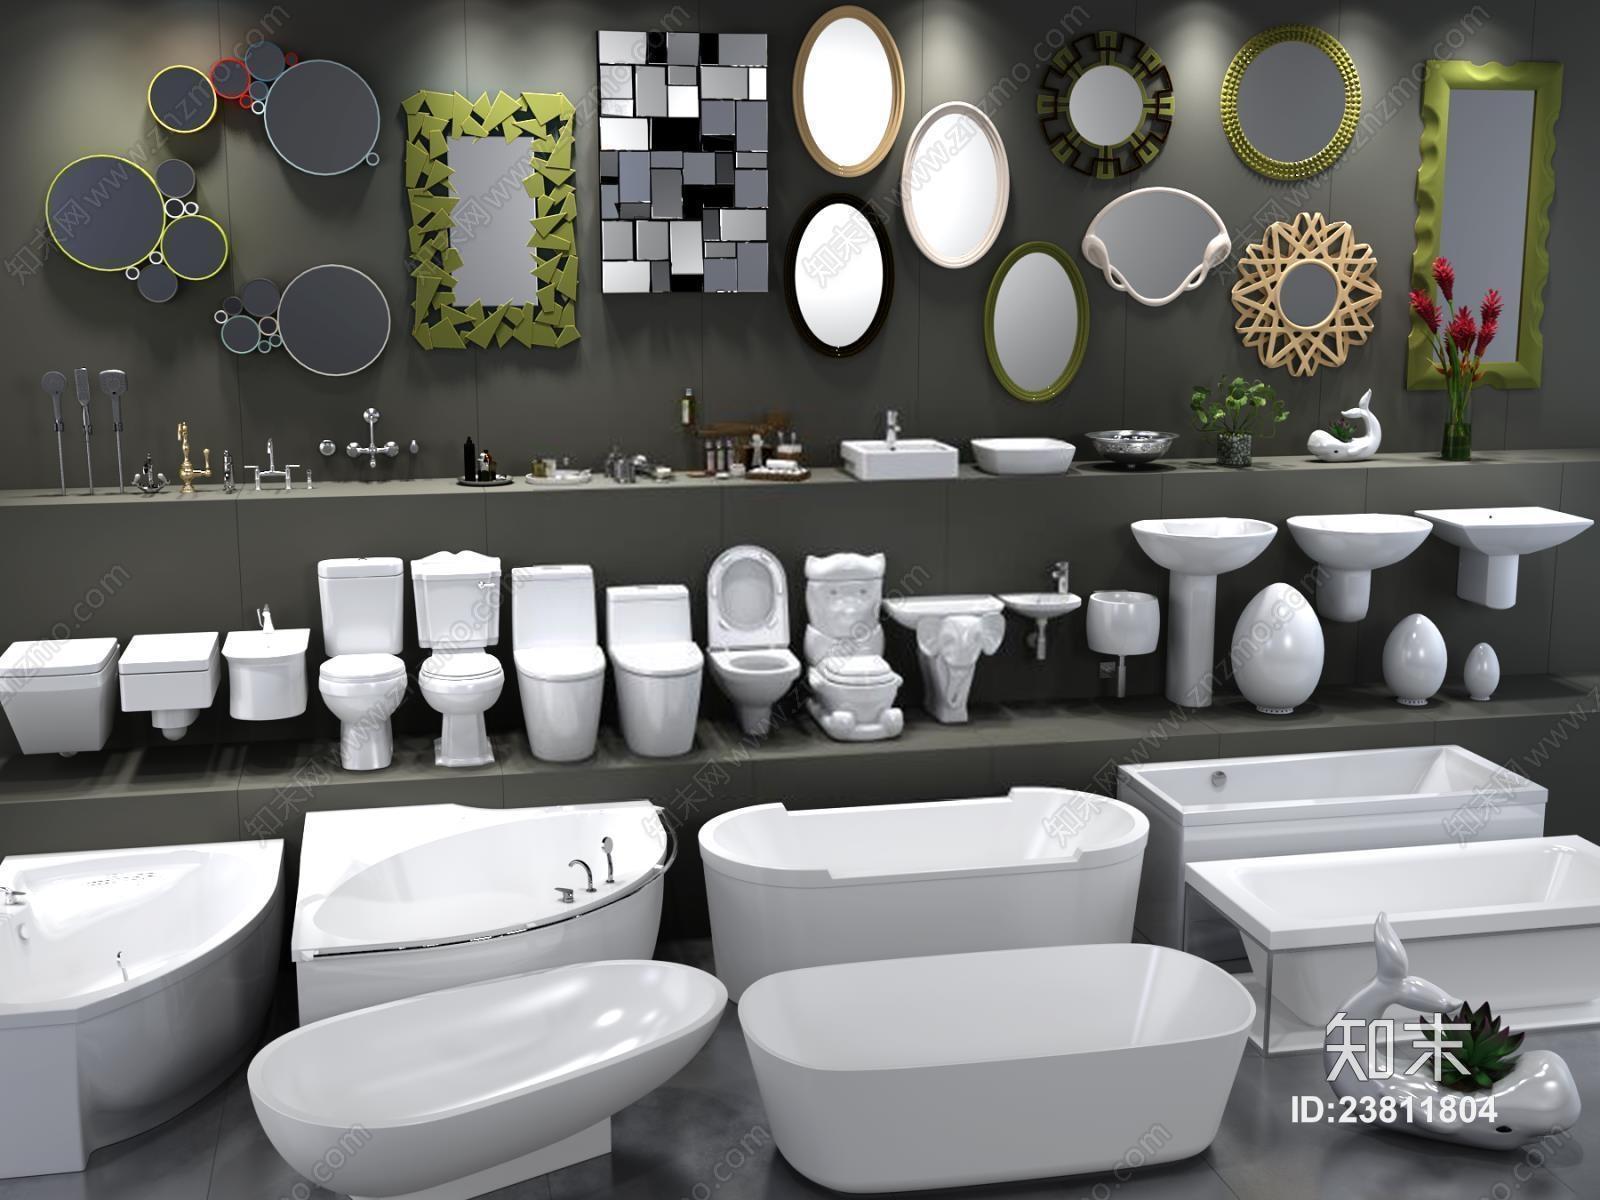 现代卫浴镜子台盆马桶花洒浴缸五金饰品植物组合 现代台盆 镜子 马桶 花洒 浴缸 现代台盆 镜子 马桶 花洒 浴缸